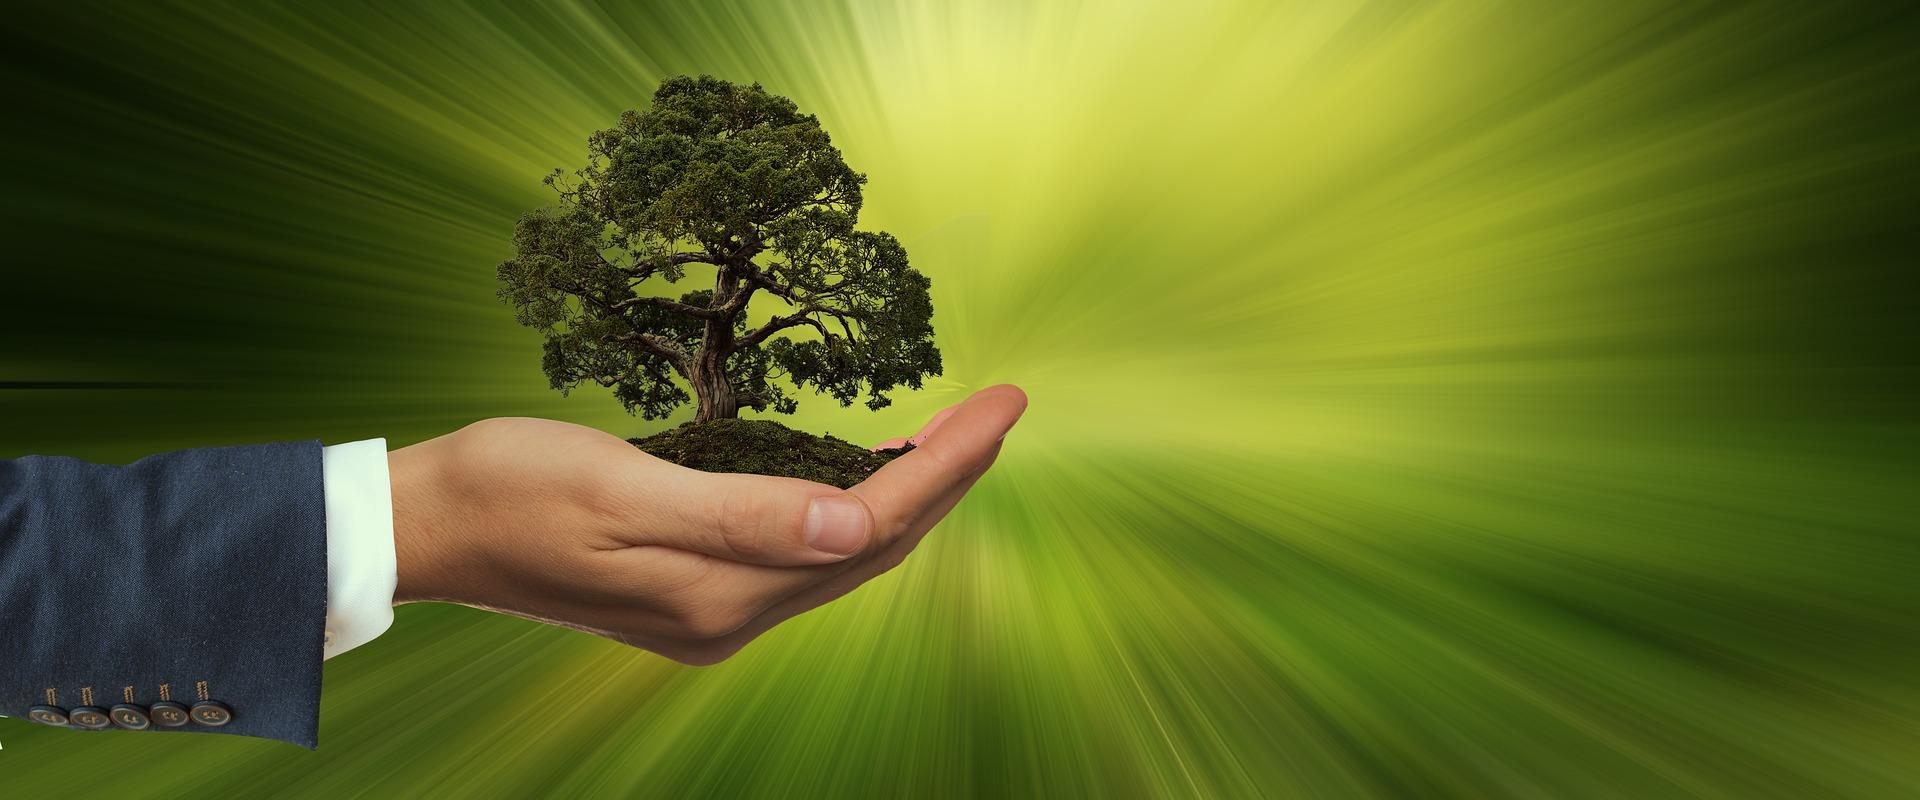 Aplicação Do Plano De Ação Florianópolis Sustentável